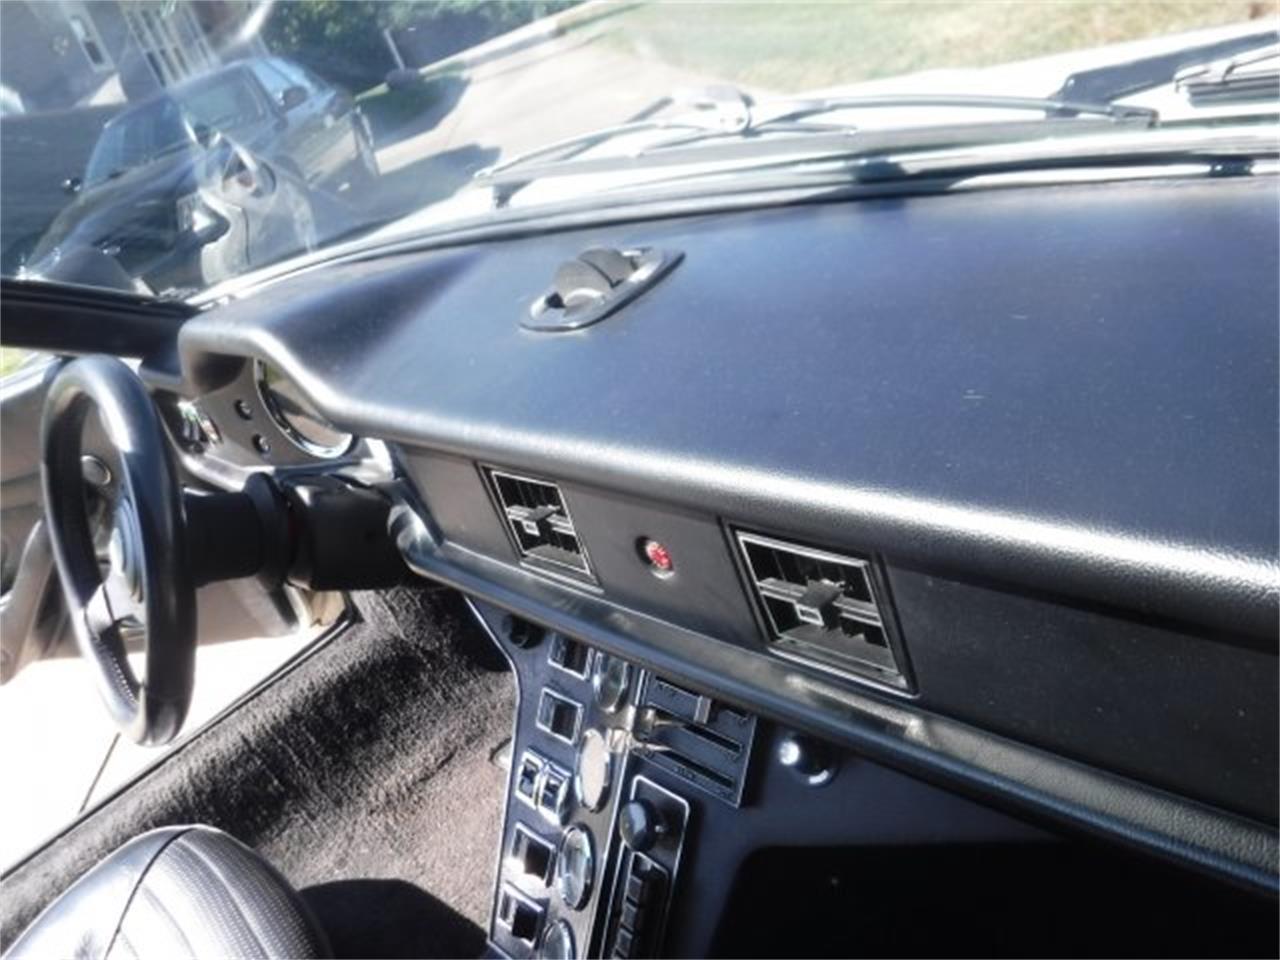 1974 De Tomaso Pantera (CC-1294634) for sale in Milford, Ohio